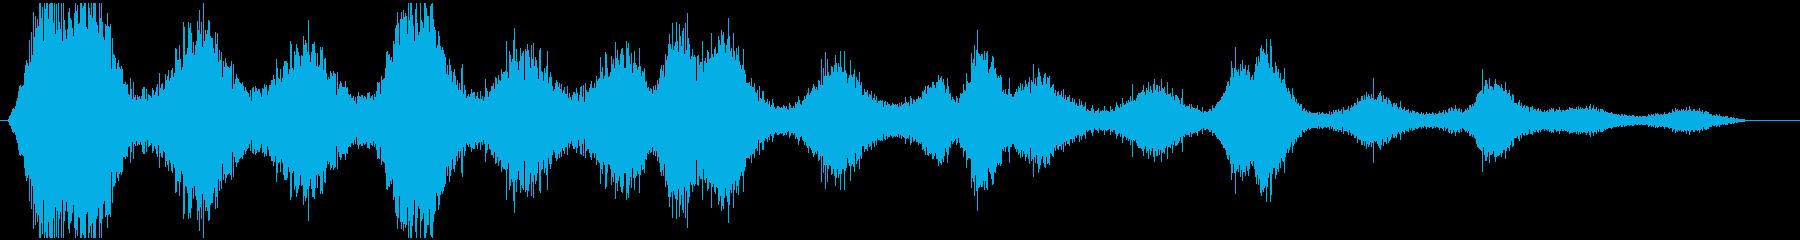 風の音 効果音の再生済みの波形